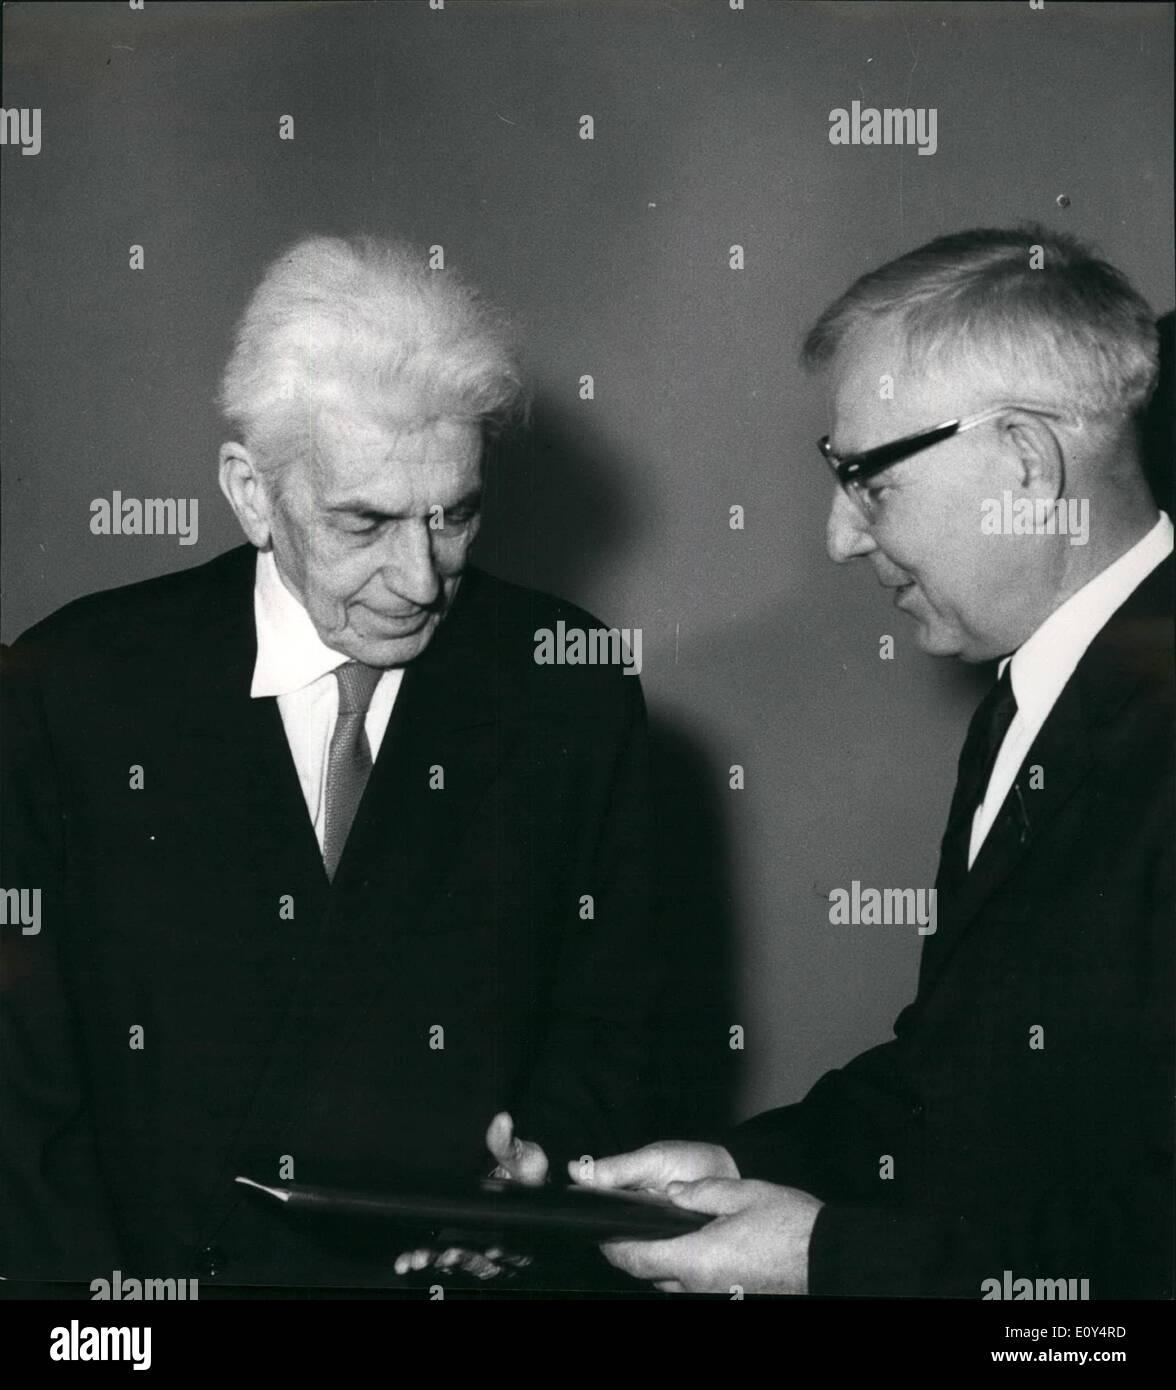 08 août 1968 - Le Dr Endre Sik, ancien ministre hongrois des Affaires étrangères, reçoit le Prix Lénine de la paix internationale à Budapest: le Dr Photo Stock